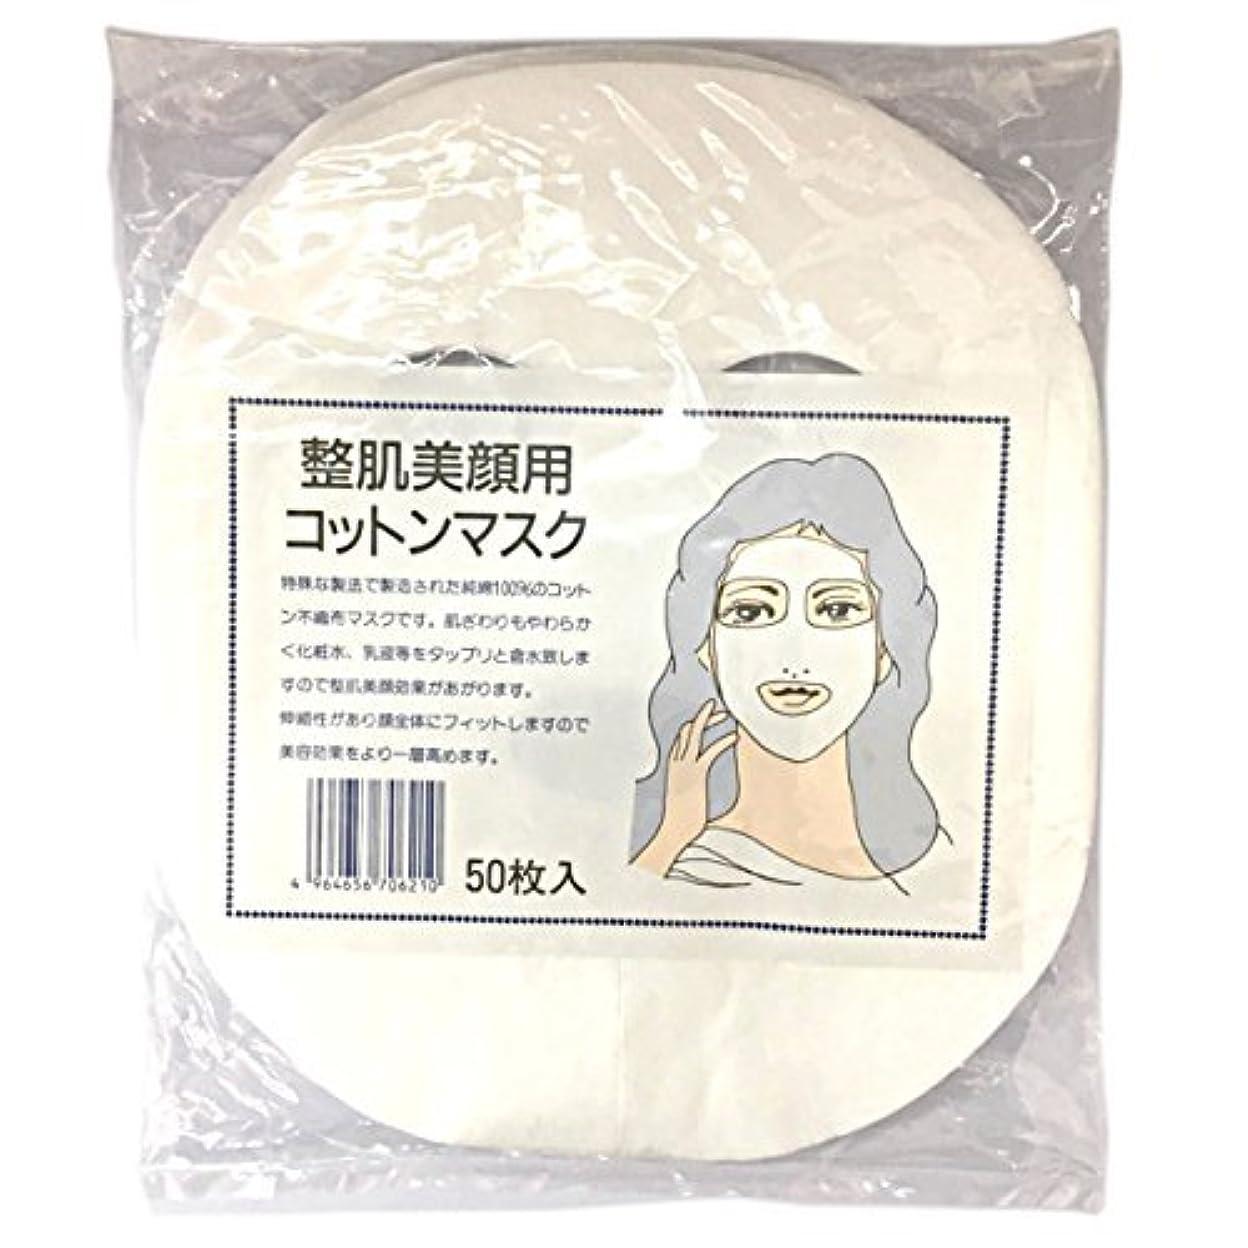 専門知識ベース絶望的な整肌美顔用 コットンマスク 50枚入